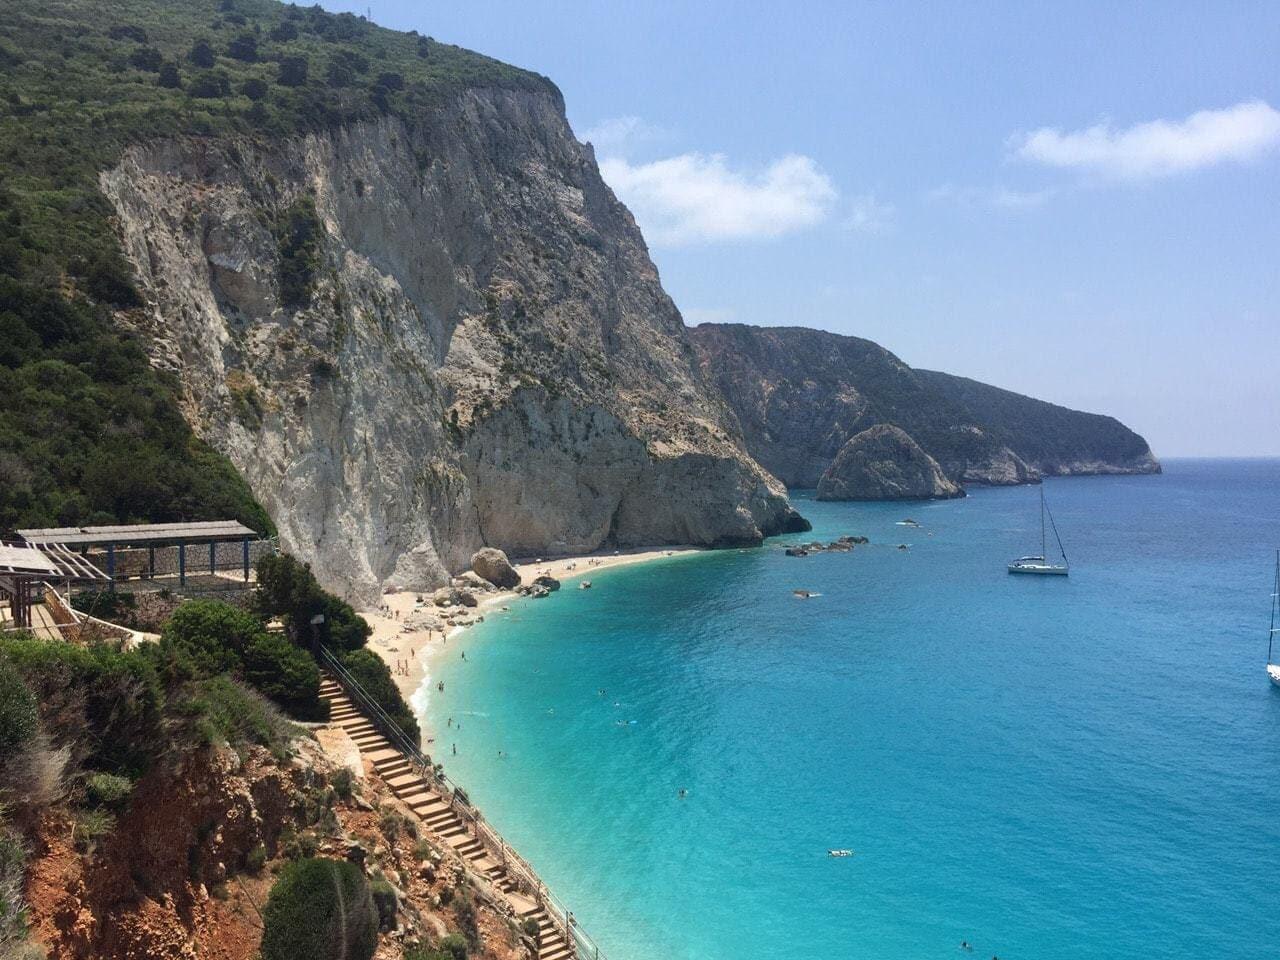 Family Day Out to Porto Katsiki Lefkada – Ten Top Tips